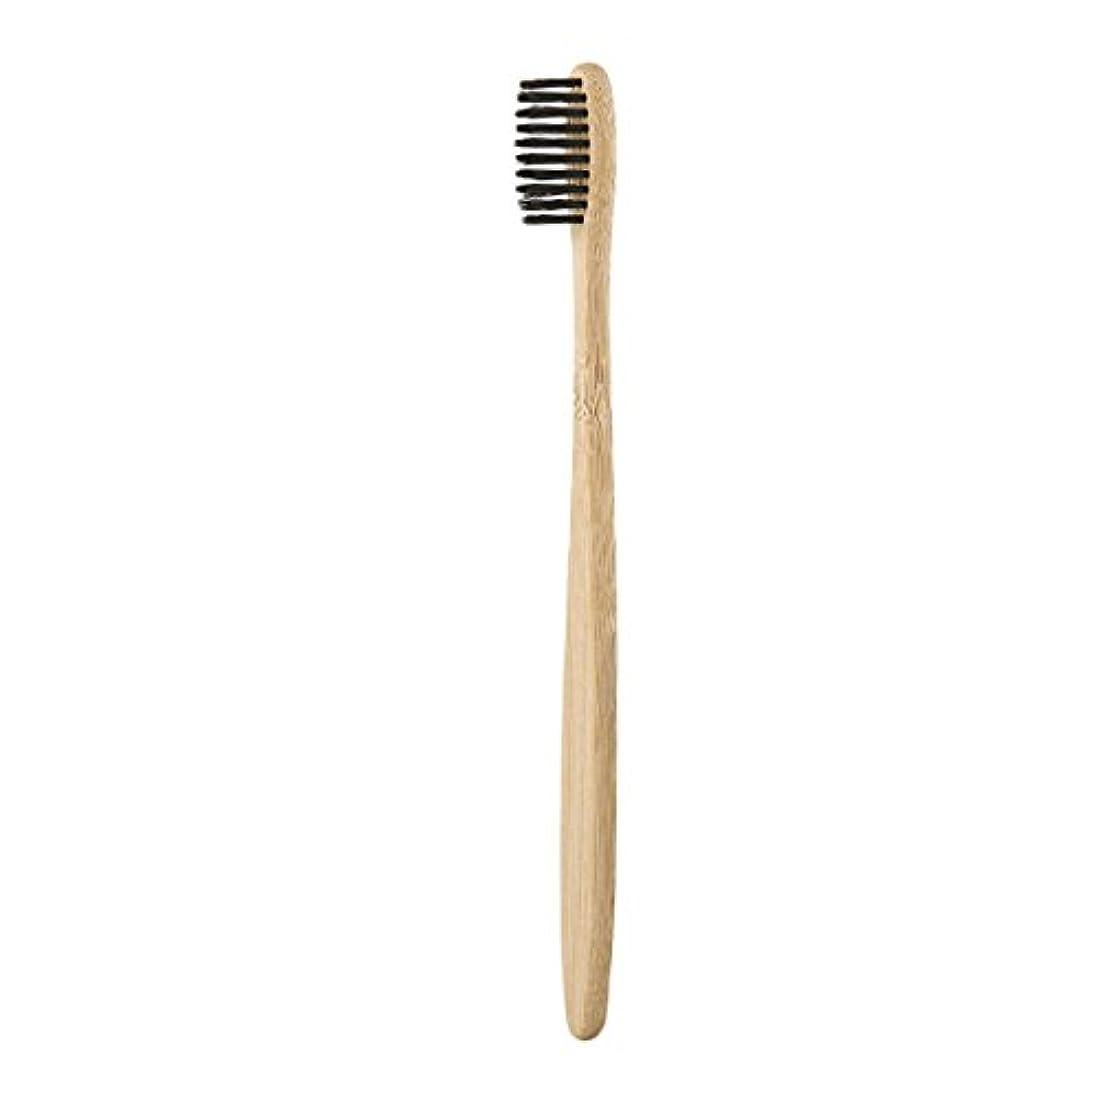 説明的主重荷手作りの快適な環境に優しい環境歯ブラシ竹ハンドル歯ブラシ炭毛健康オーラルケア-ウッドカラー